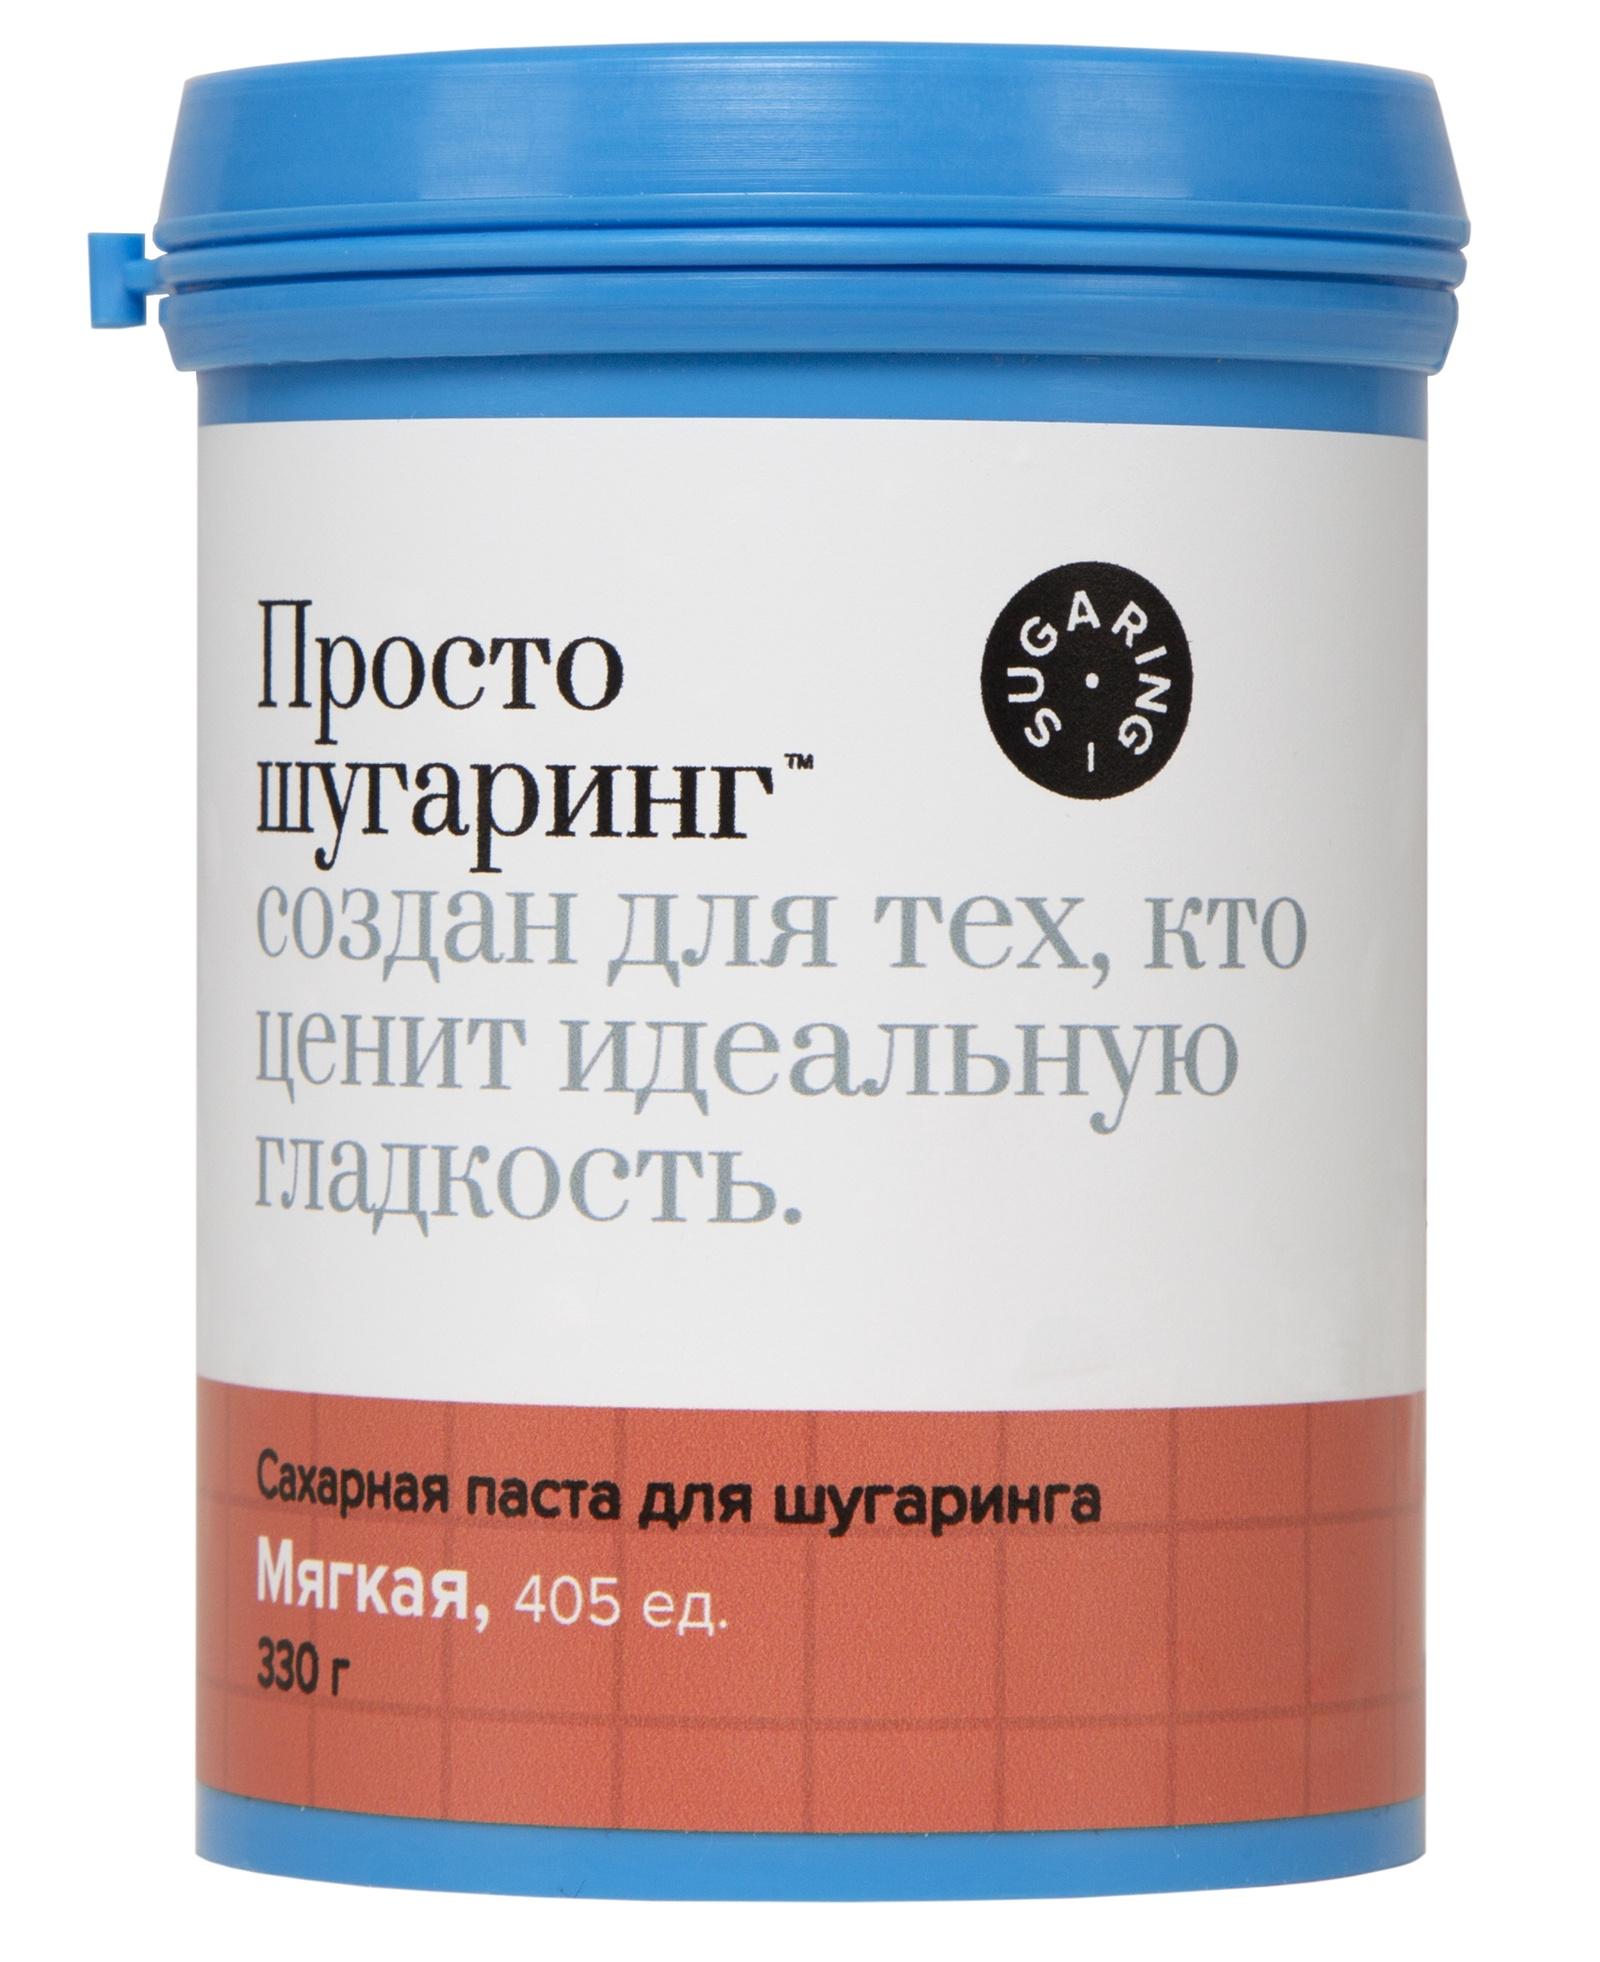 Сахарная паста для депиляции мягкая Просто шугаринг, Gloria, 0,33 кг